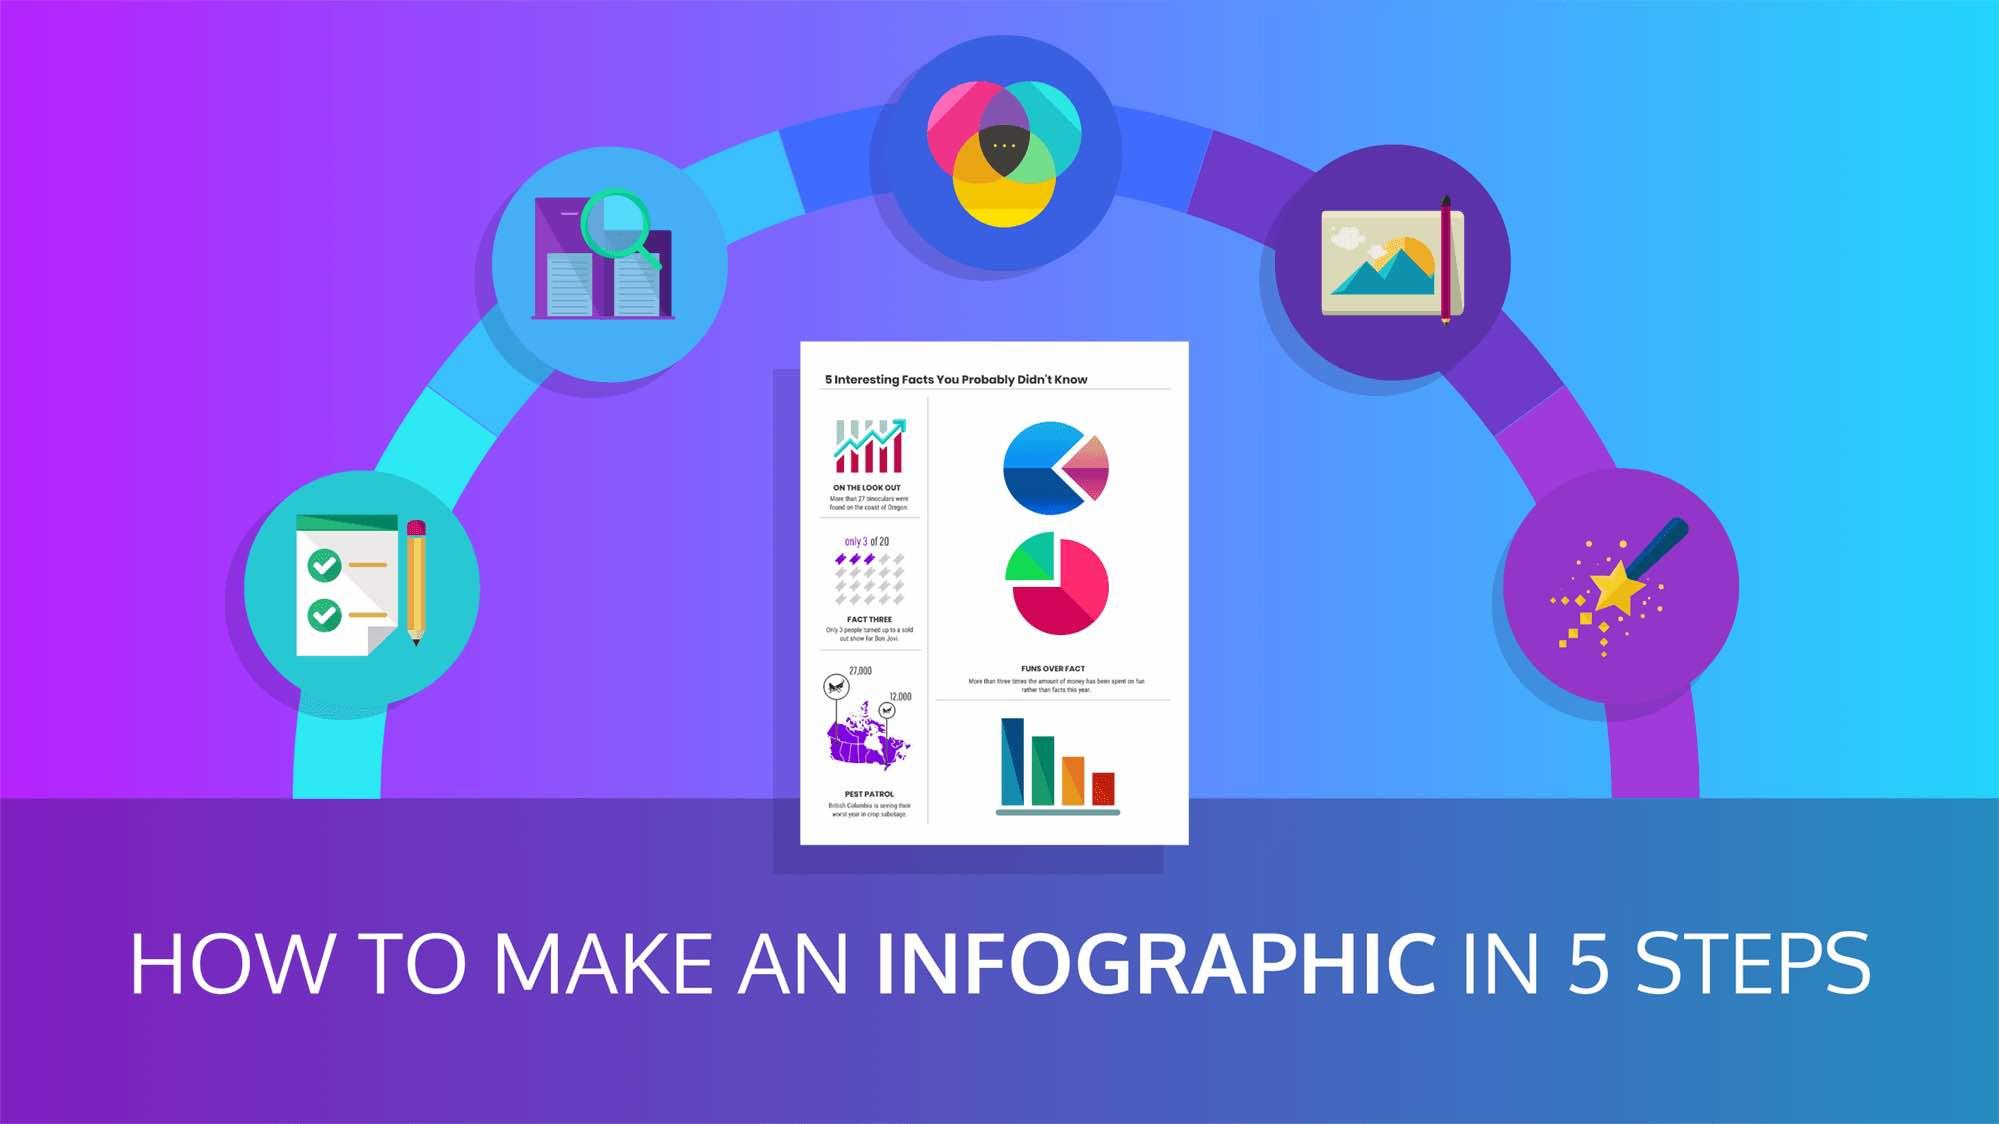 So erstellen Sie eine Infografik in 5 Schritten [Schritt-für-Schritt-Anleitung]